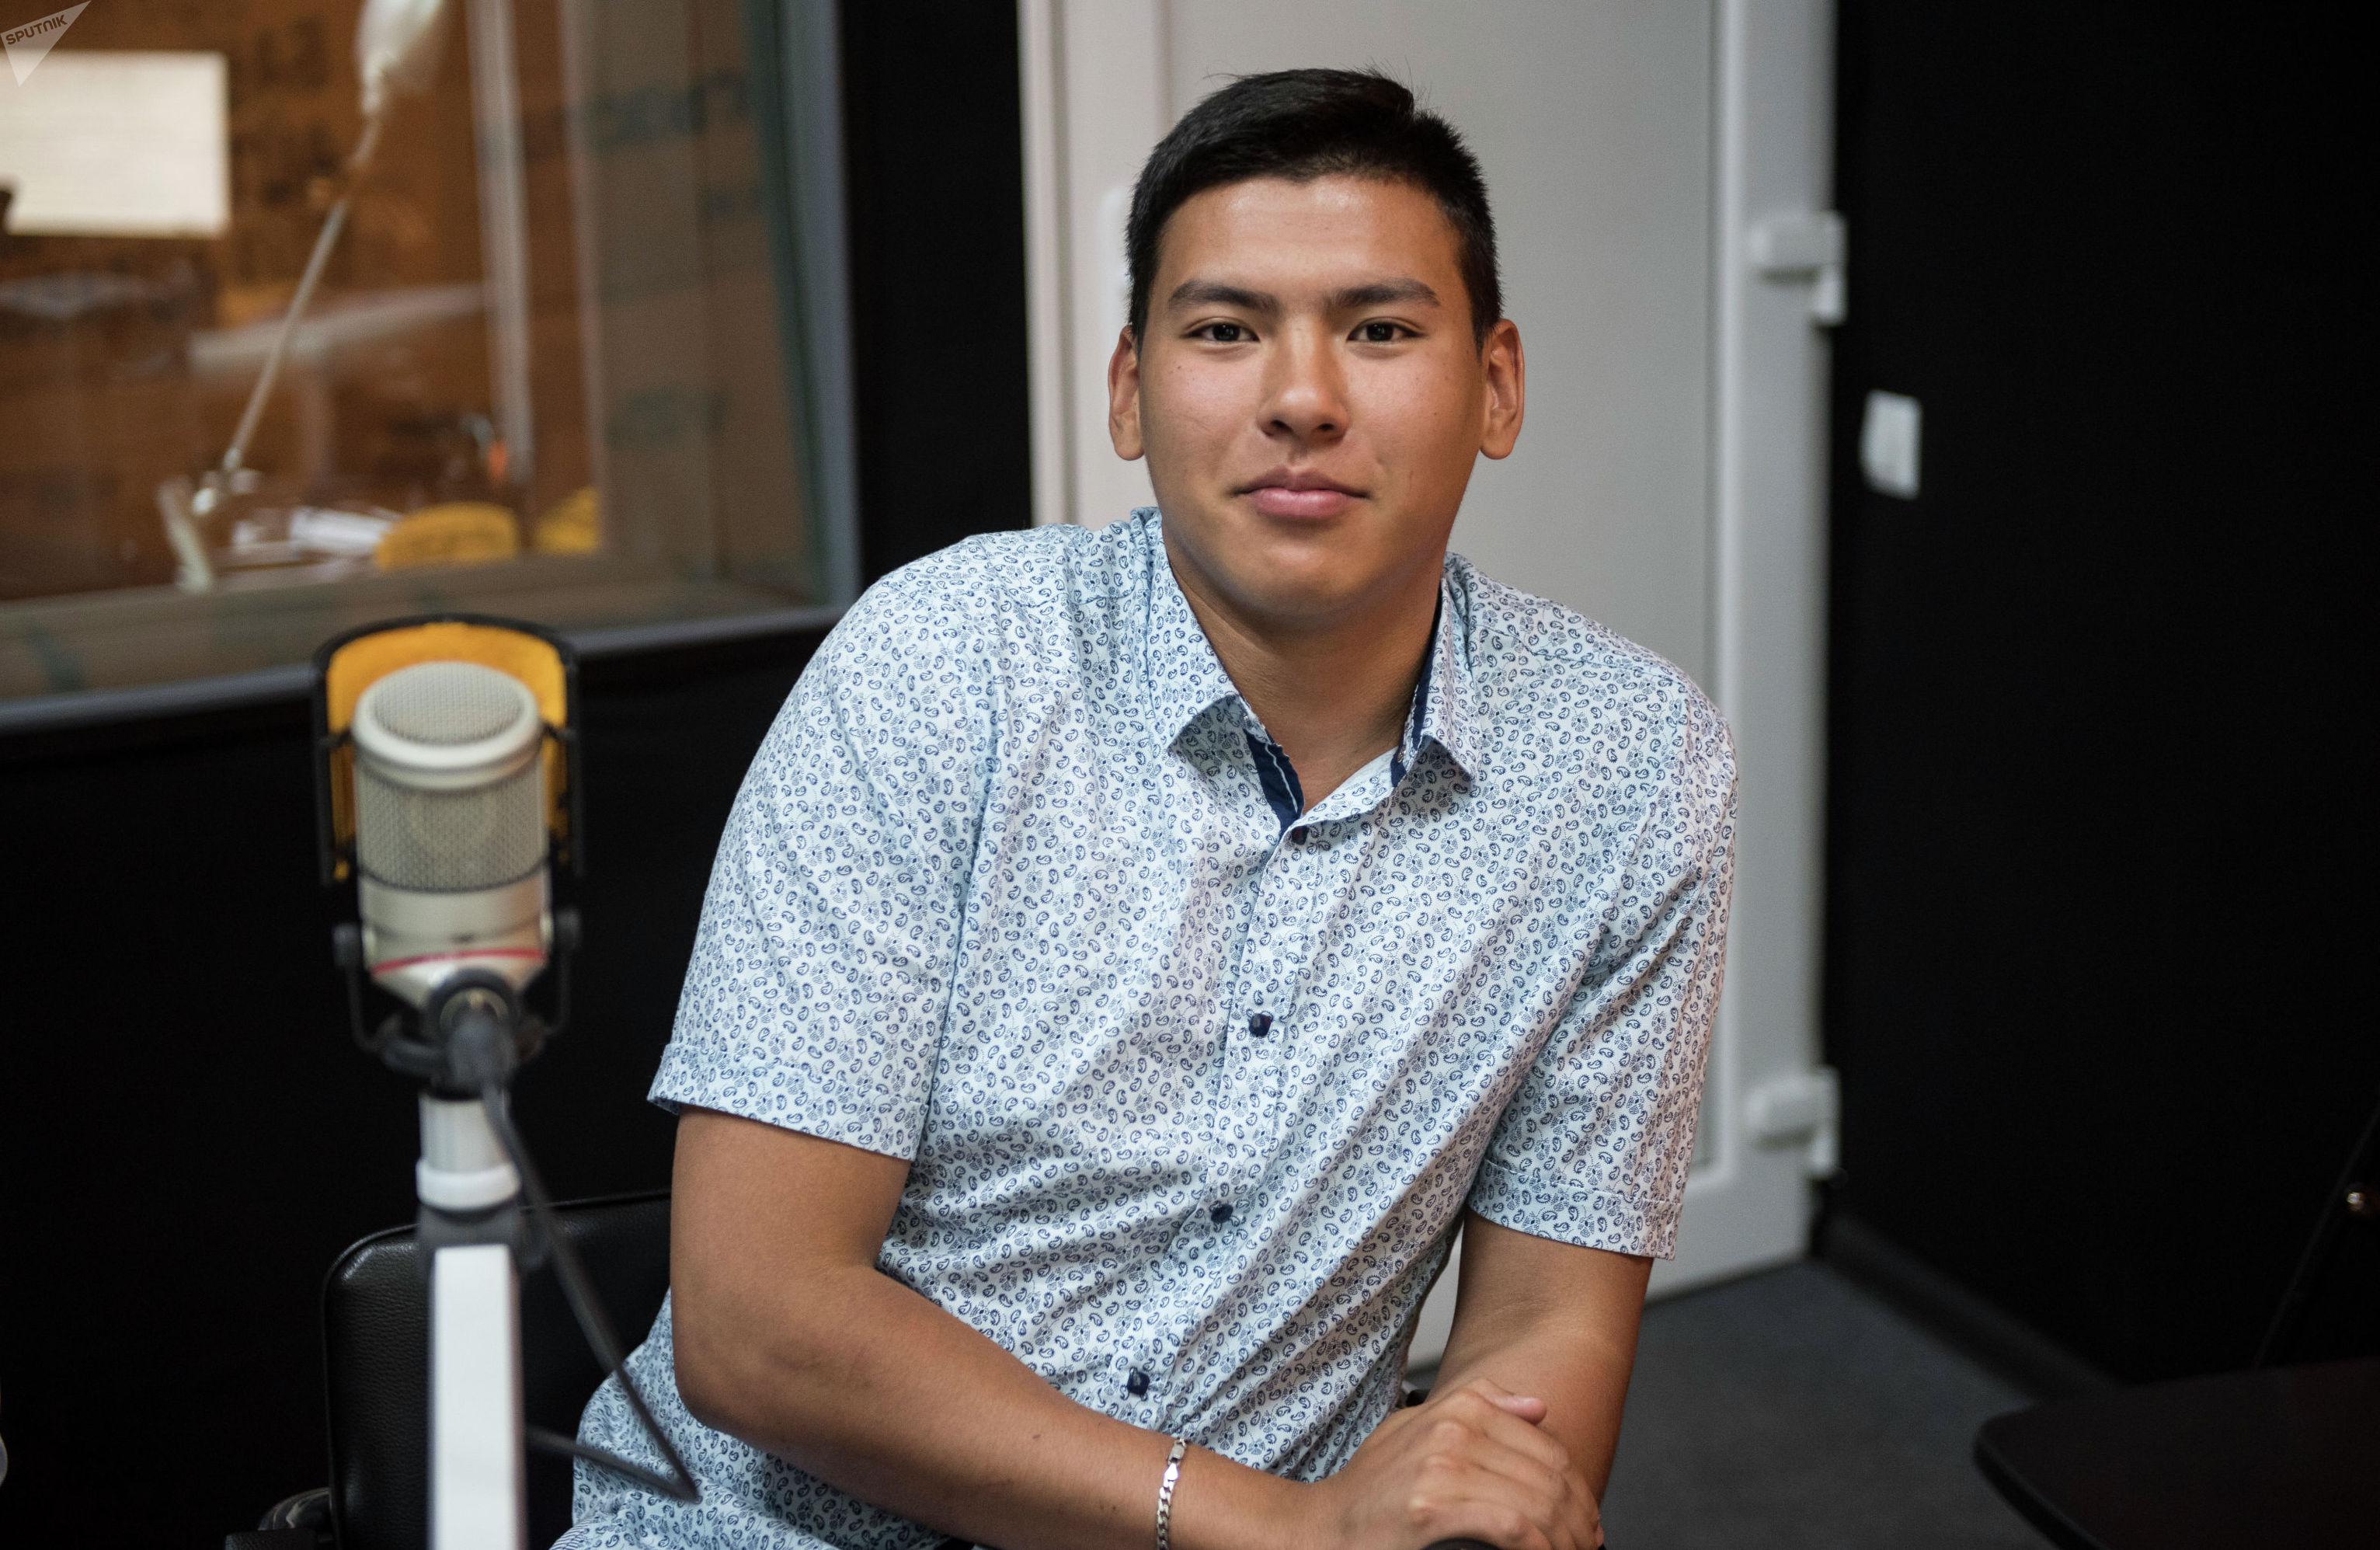 Студент Кыргызского государственного технического университета Алишер Абдухадыров